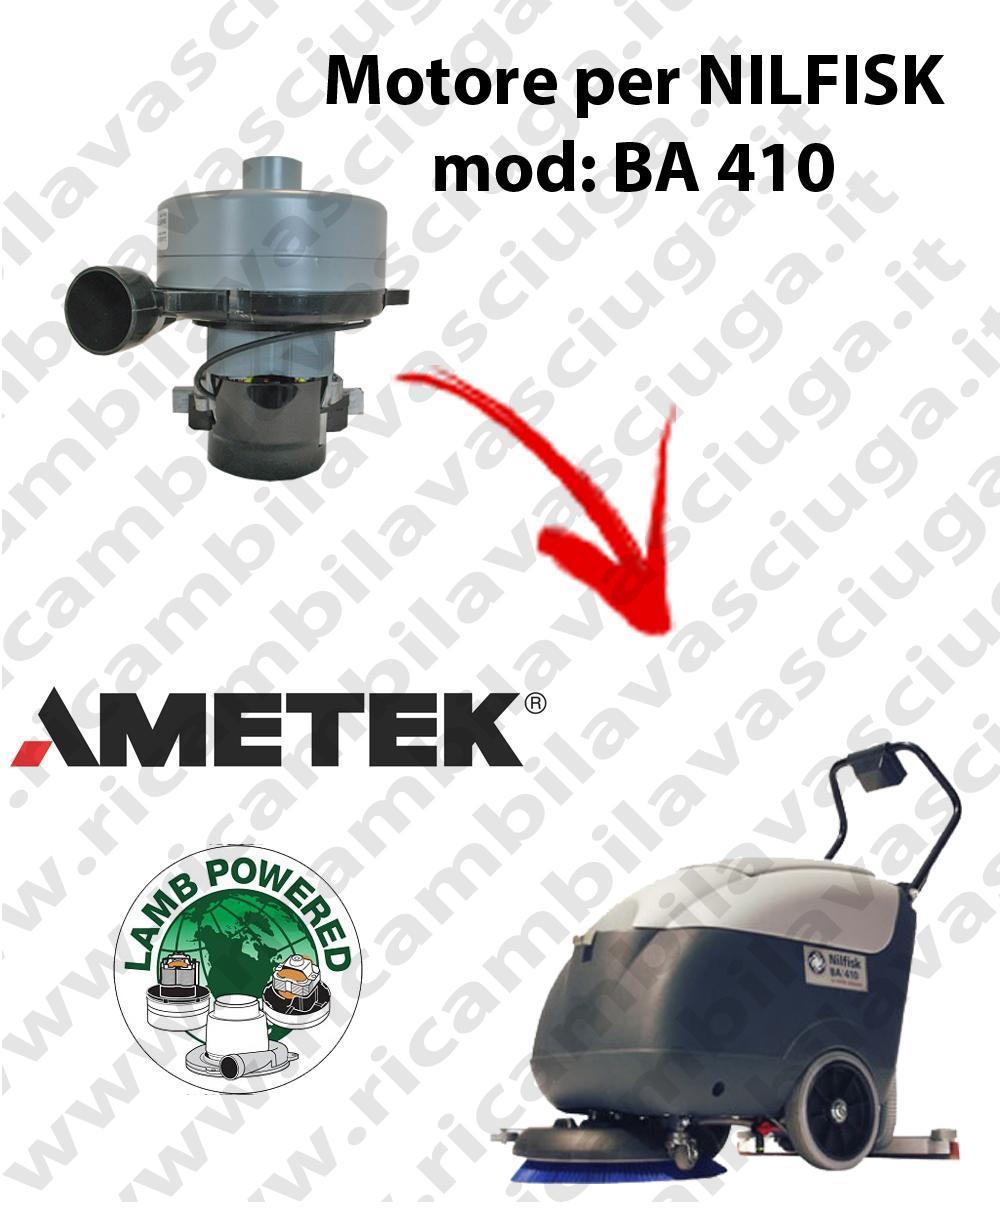 BA 410 Motore de aspiración LAMB AMETEK para fregadora NILFISK